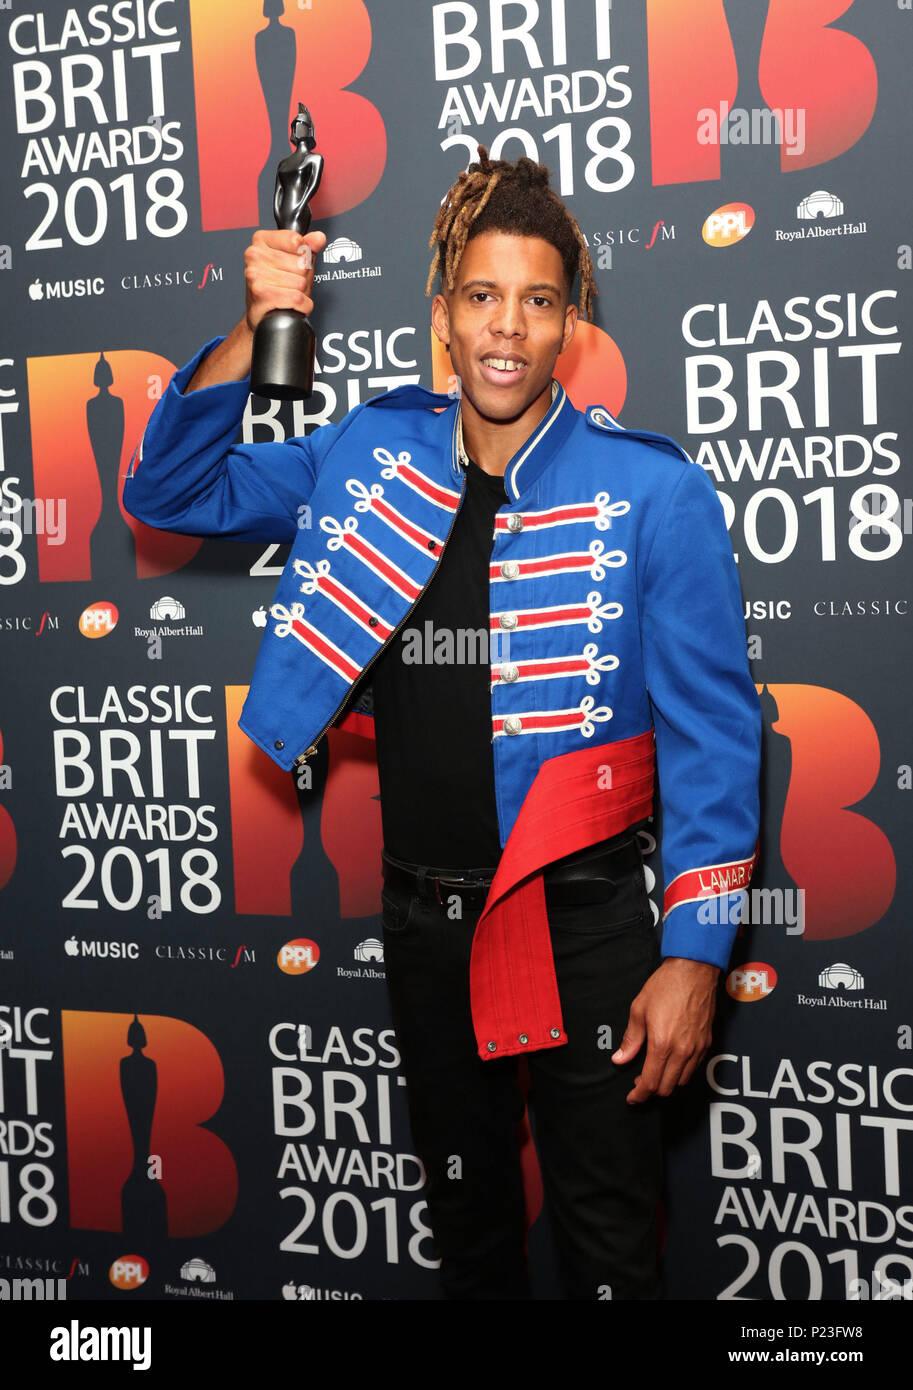 Britains Got Talent winner Tokio Myers.